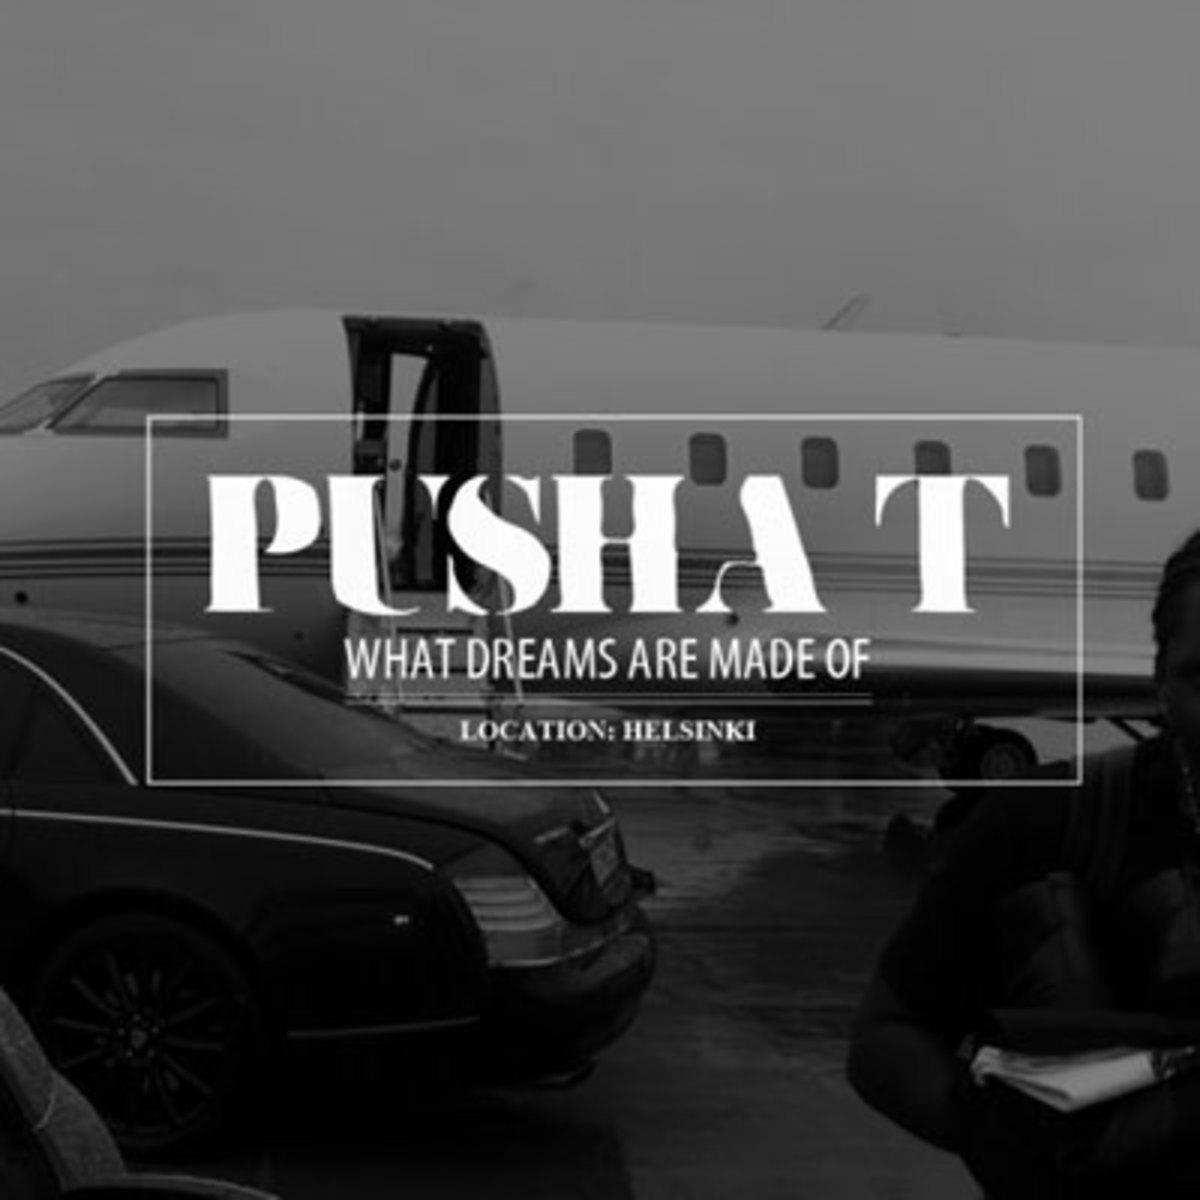 pushat-whatdreamsaremadeof.jpg